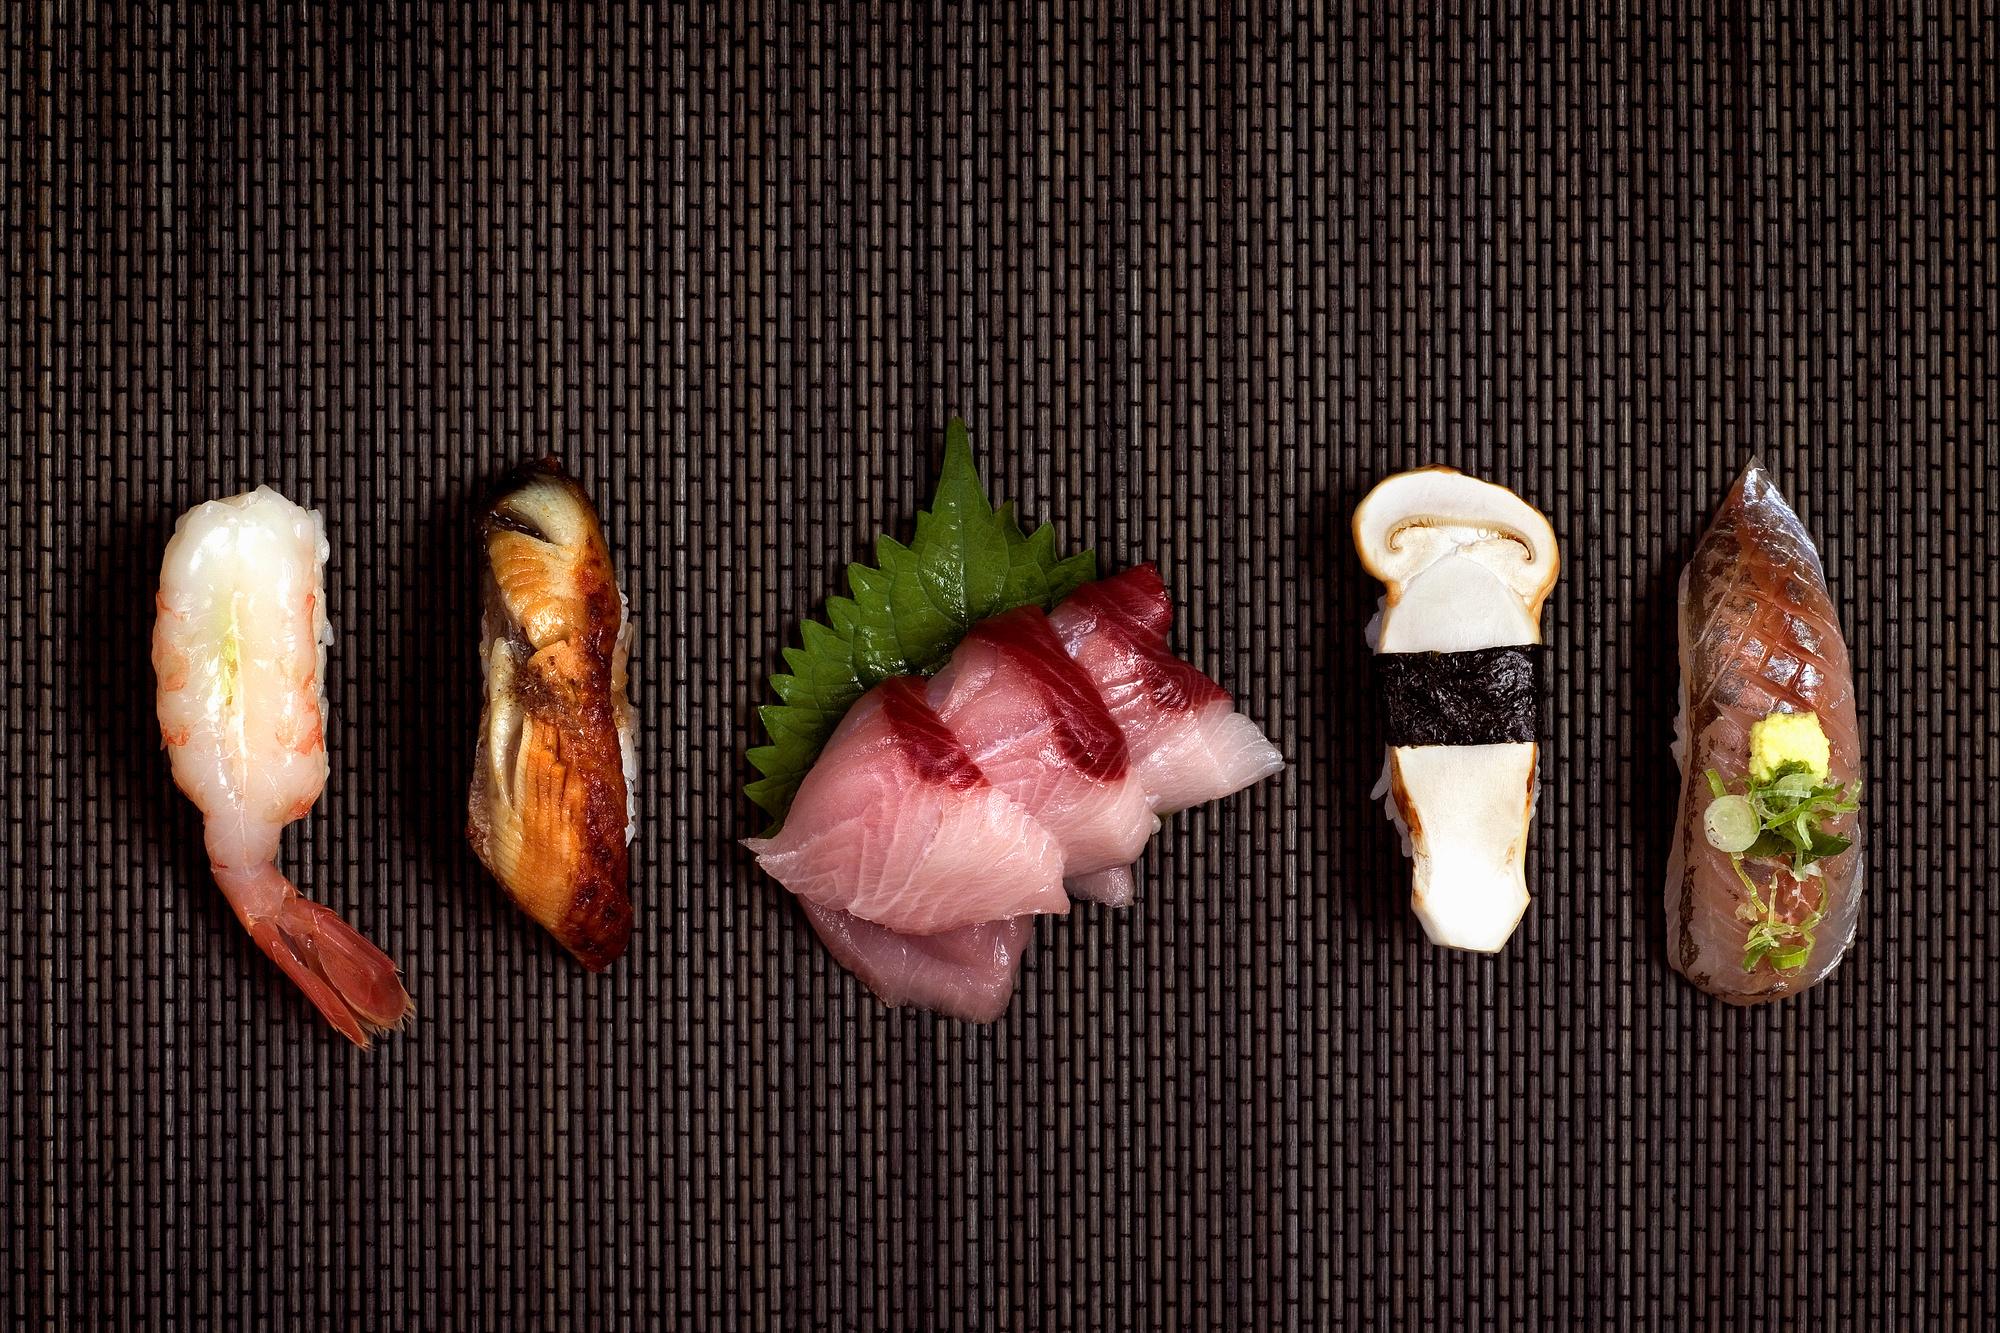 Het Japanse perfectionisme is een zegen in de keuken., Getty Images